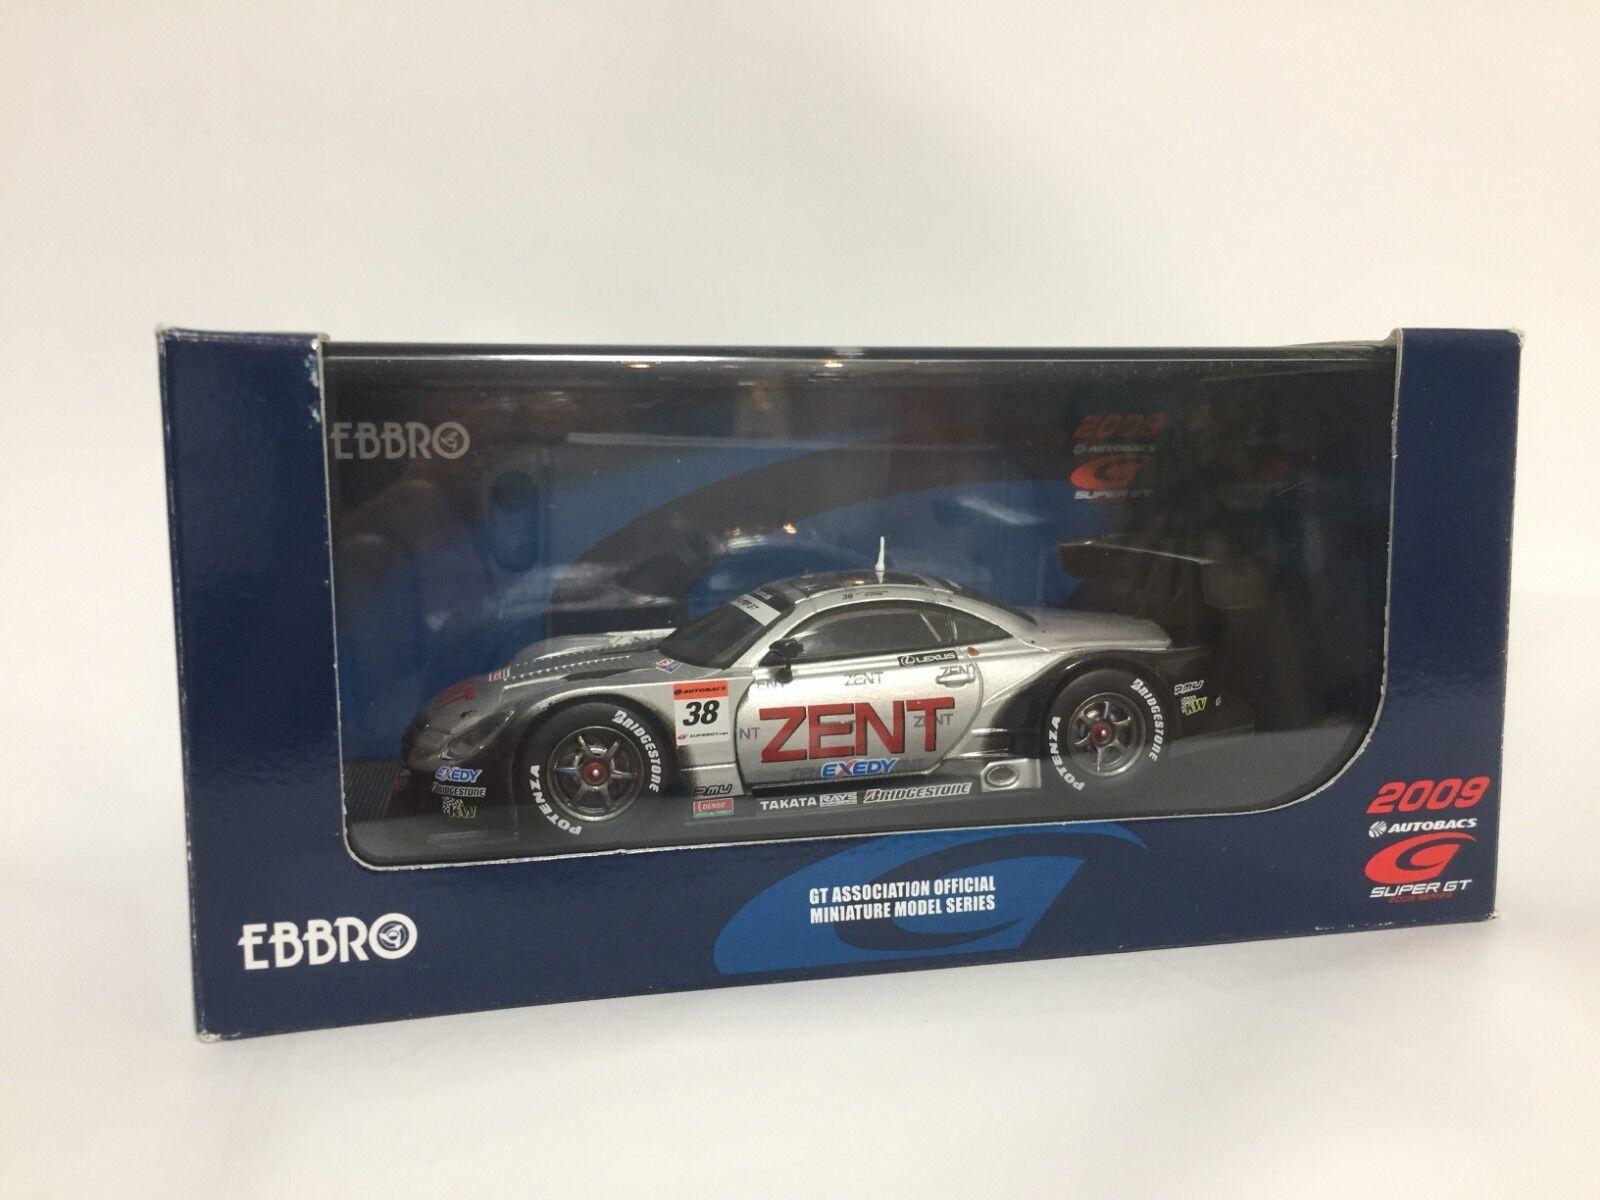 conveniente 1 43 Ebbro 44183 44183 44183 Súper GT500 Zent serumo SC430 2009  38 Japan F S  Entrega rápida y envío gratis en todos los pedidos.